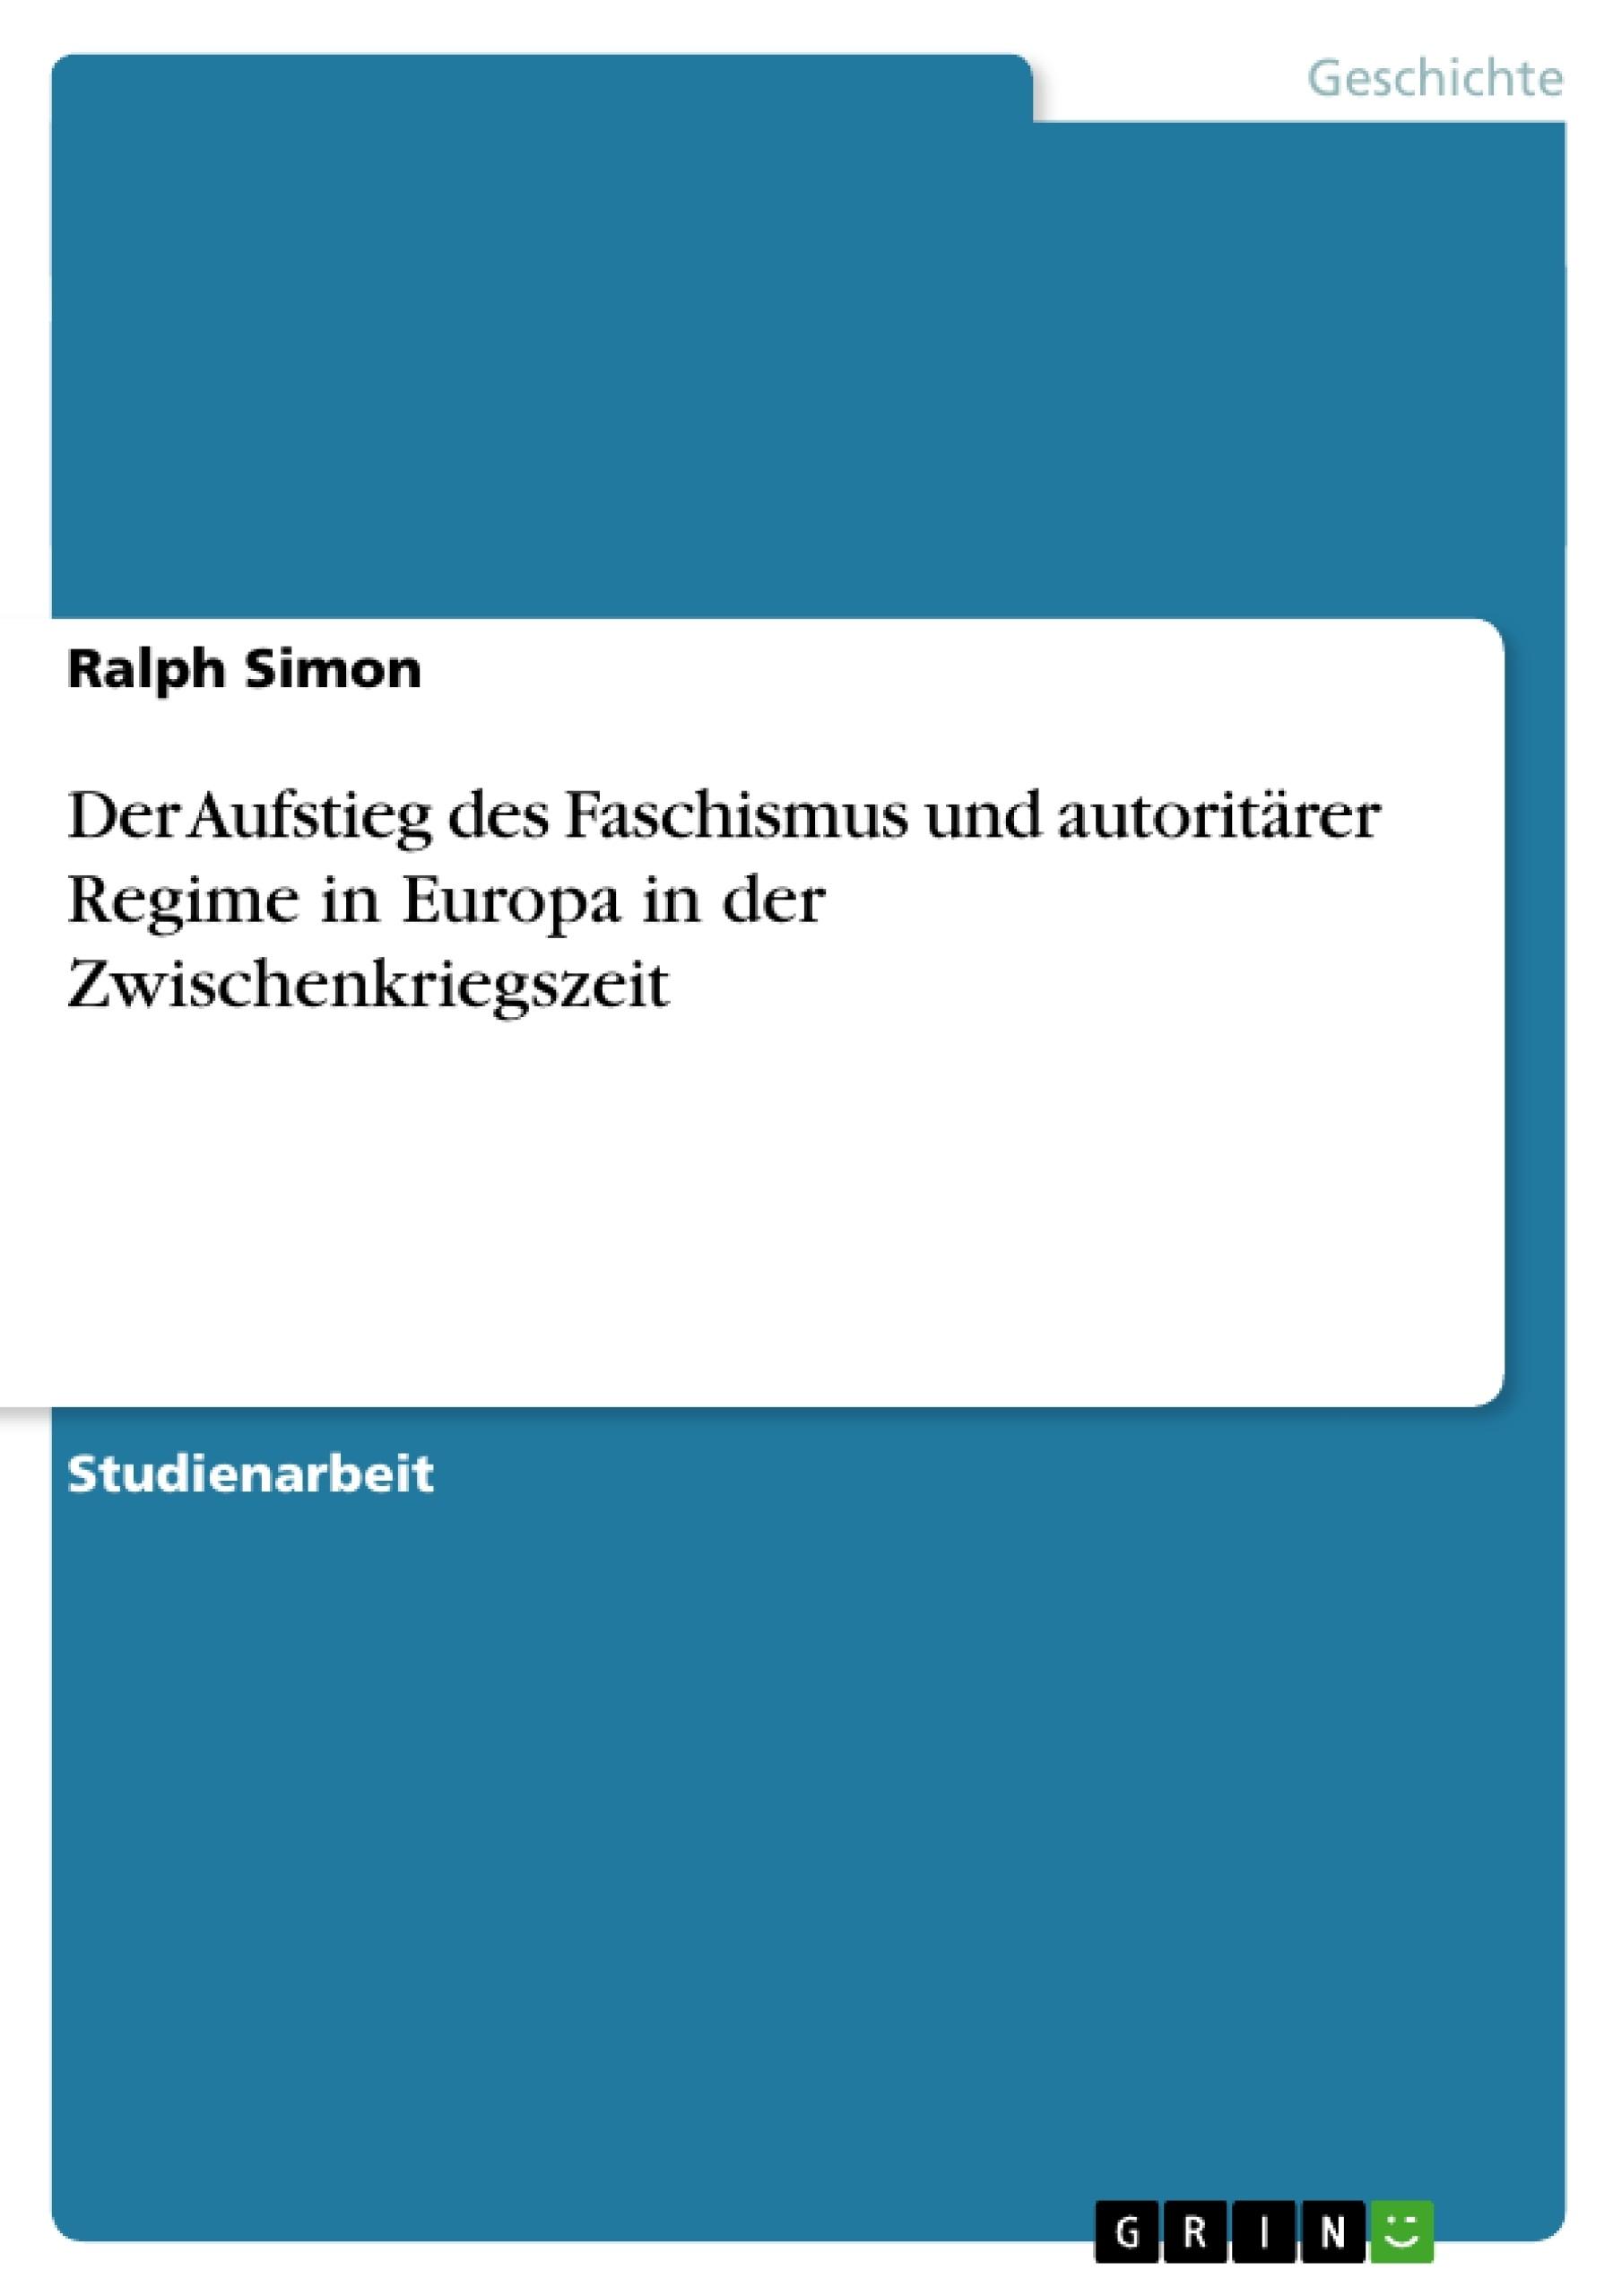 Titel: Der Aufstieg des Faschismus und autoritärer Regime in Europa in der Zwischenkriegszeit